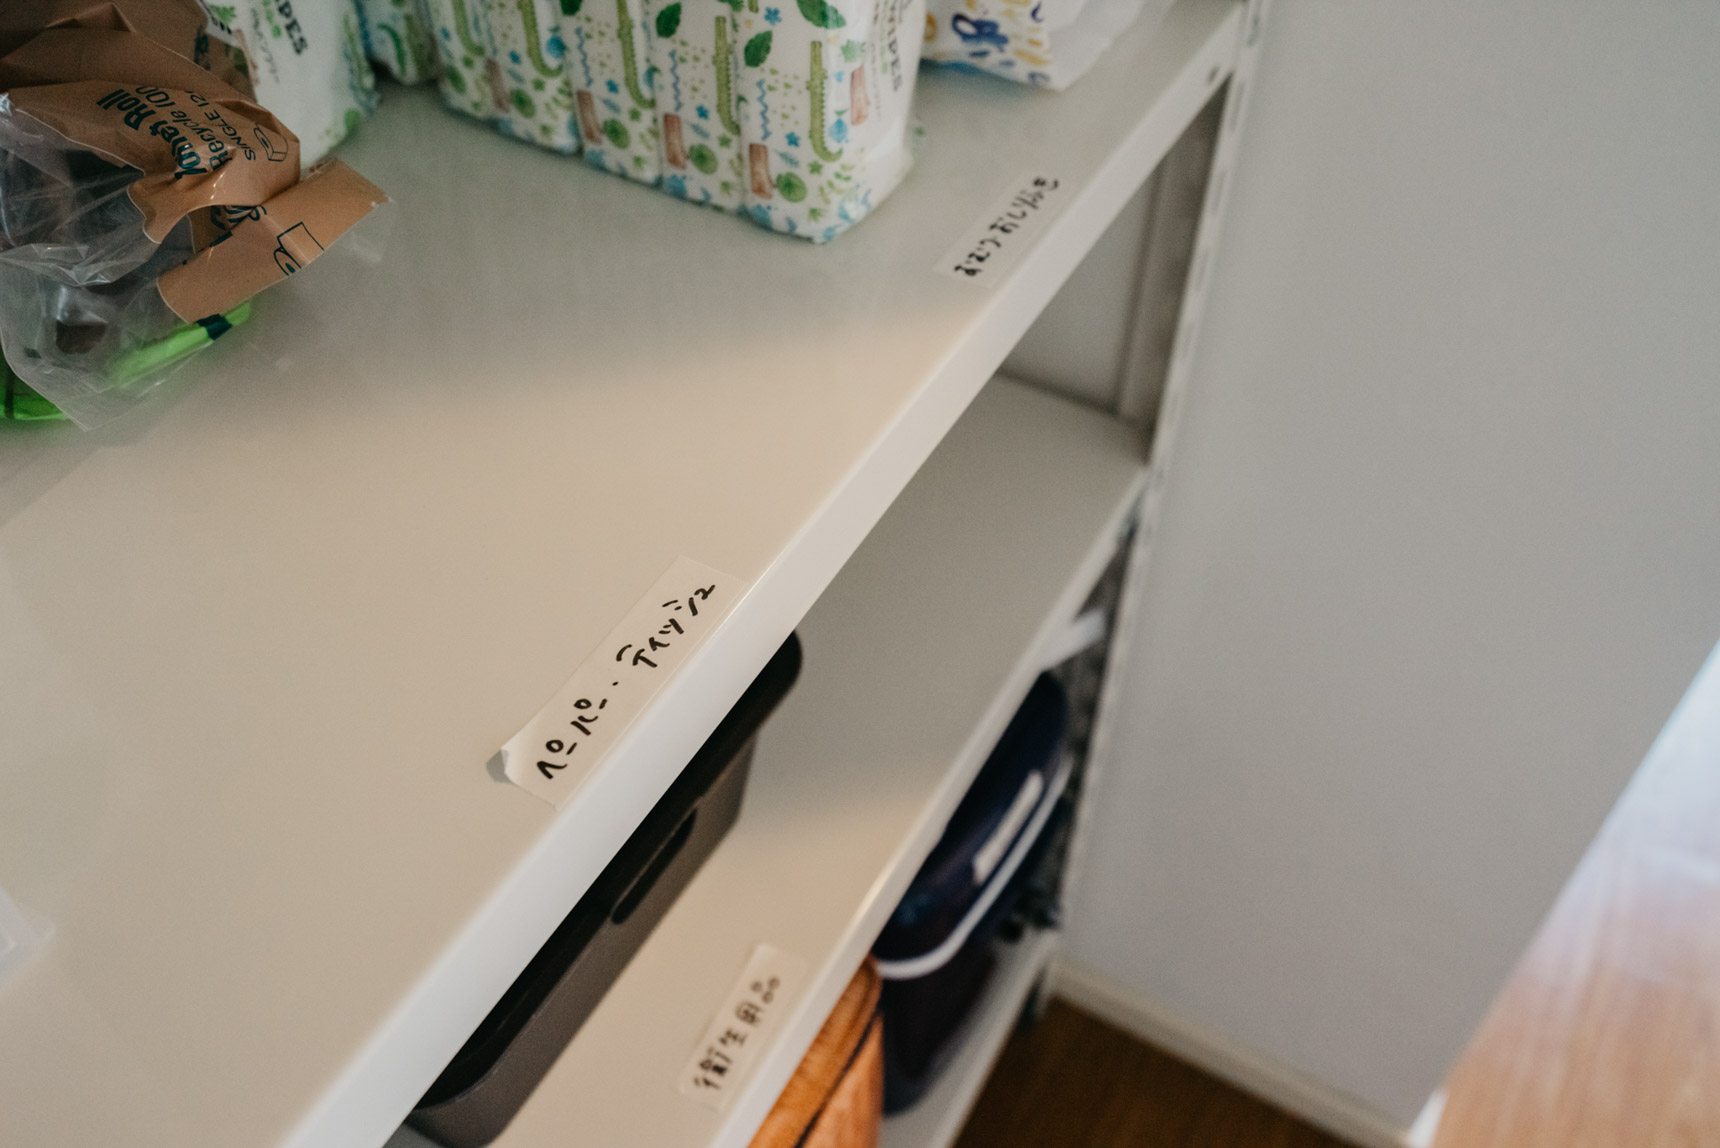 日用品のストックをしまう場所、ひとつひとつにラベルがつけられ、きちんと整頓されているゆるぴたさんのお部屋。